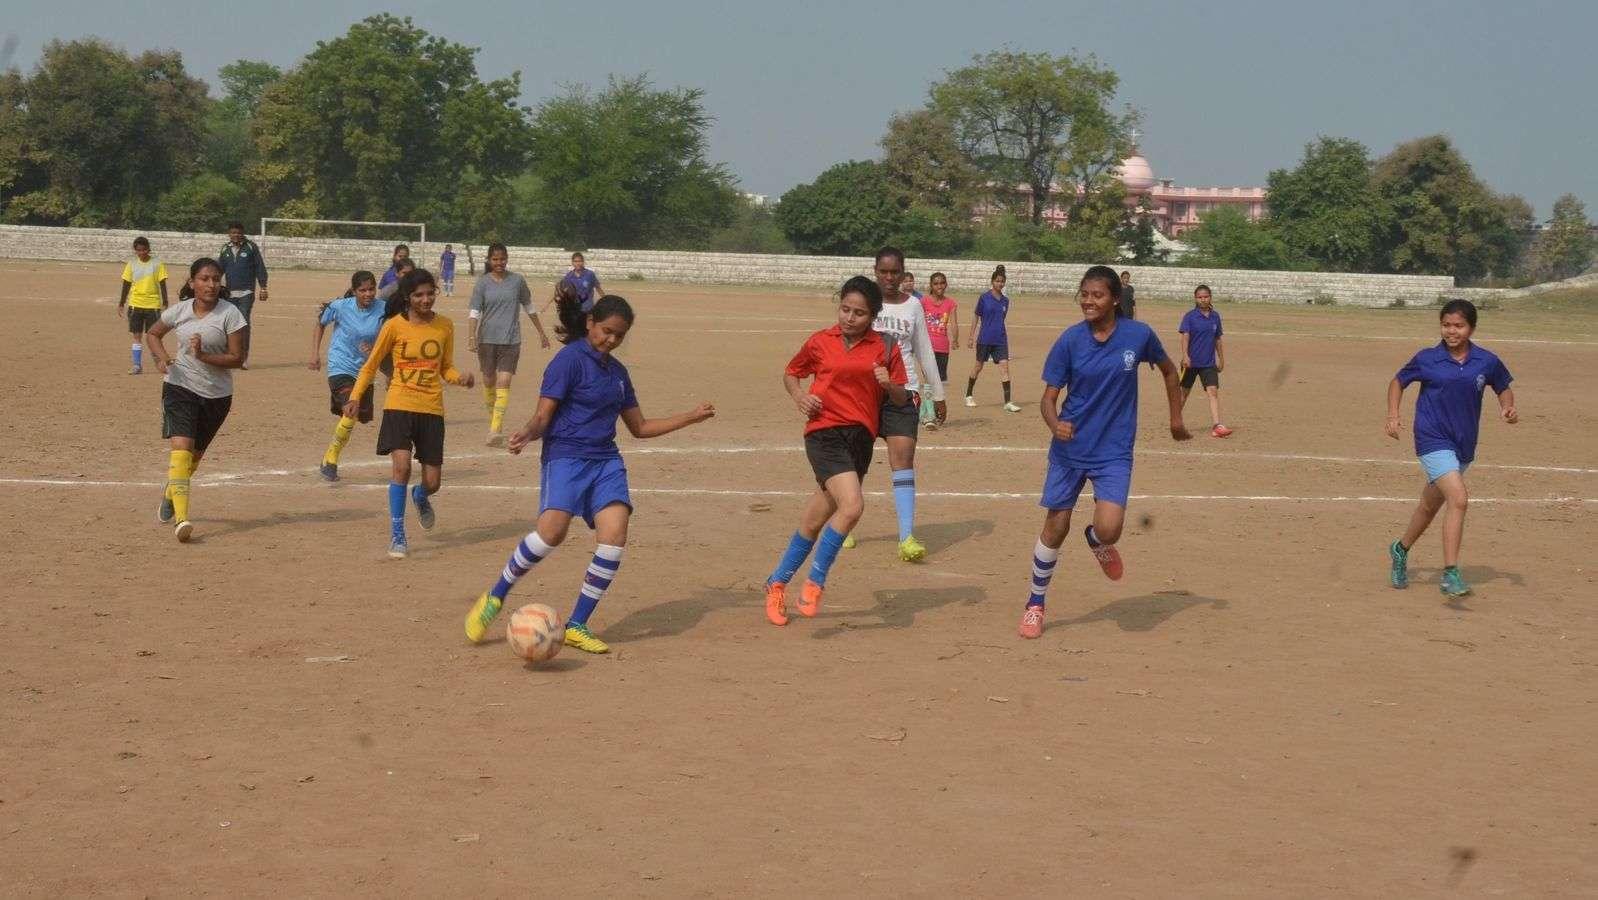 कबड्डी, हॉकी, फुटबॉल, बास्केटबॉल में खंडवा, वालीबॉल बालिका वर्ग में हरसूद की टीम विजेता